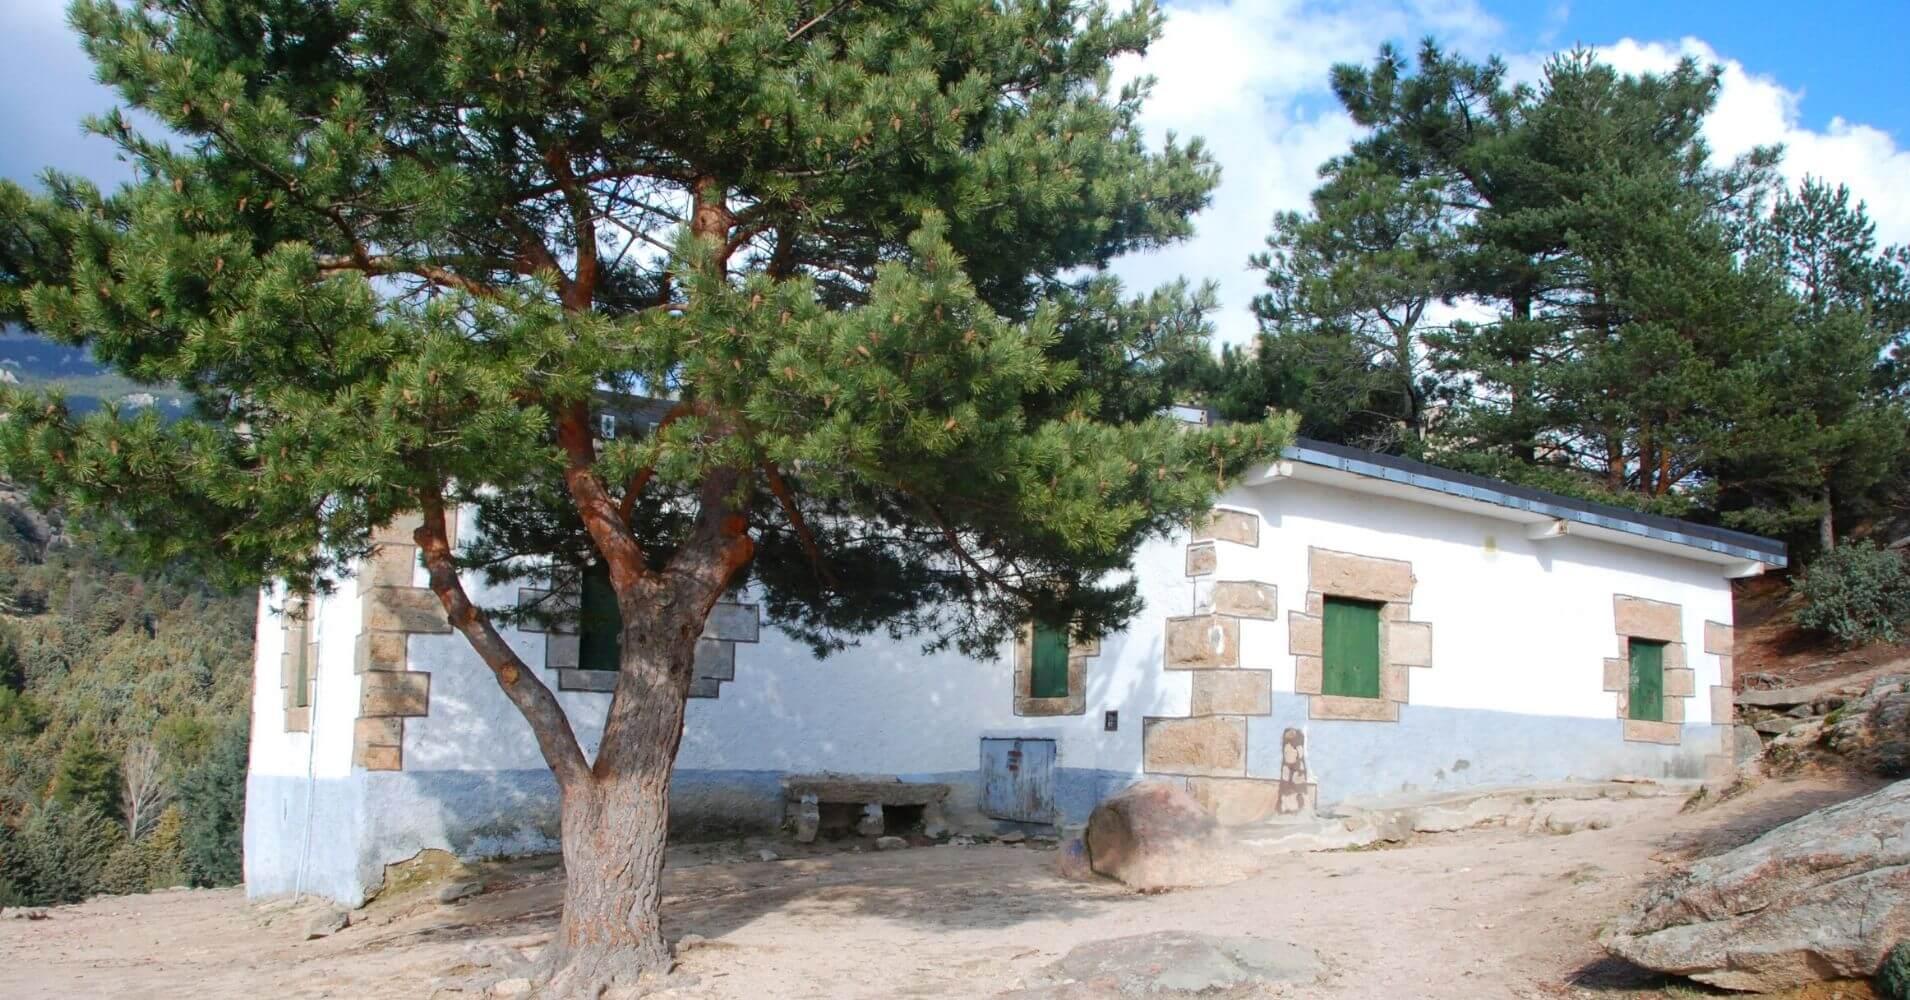 Refugio de Giner de los Ríos. La Pedriza. Manzanares El Real. Comunidad de Madrid.